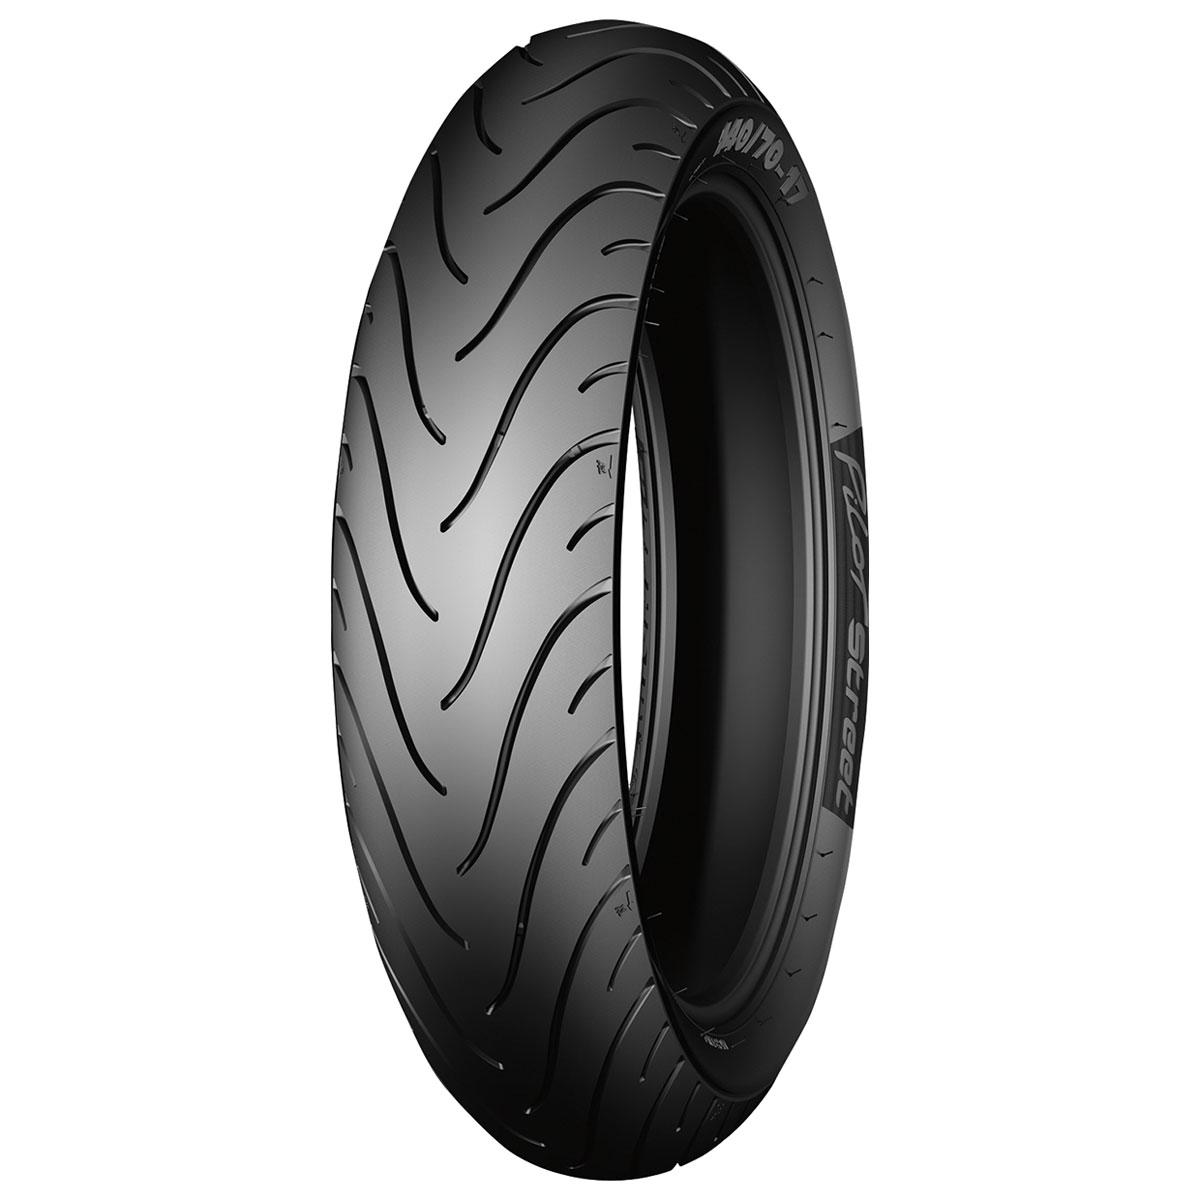 Michelin Pilot Street 90/90-14 Front/Rear Tire